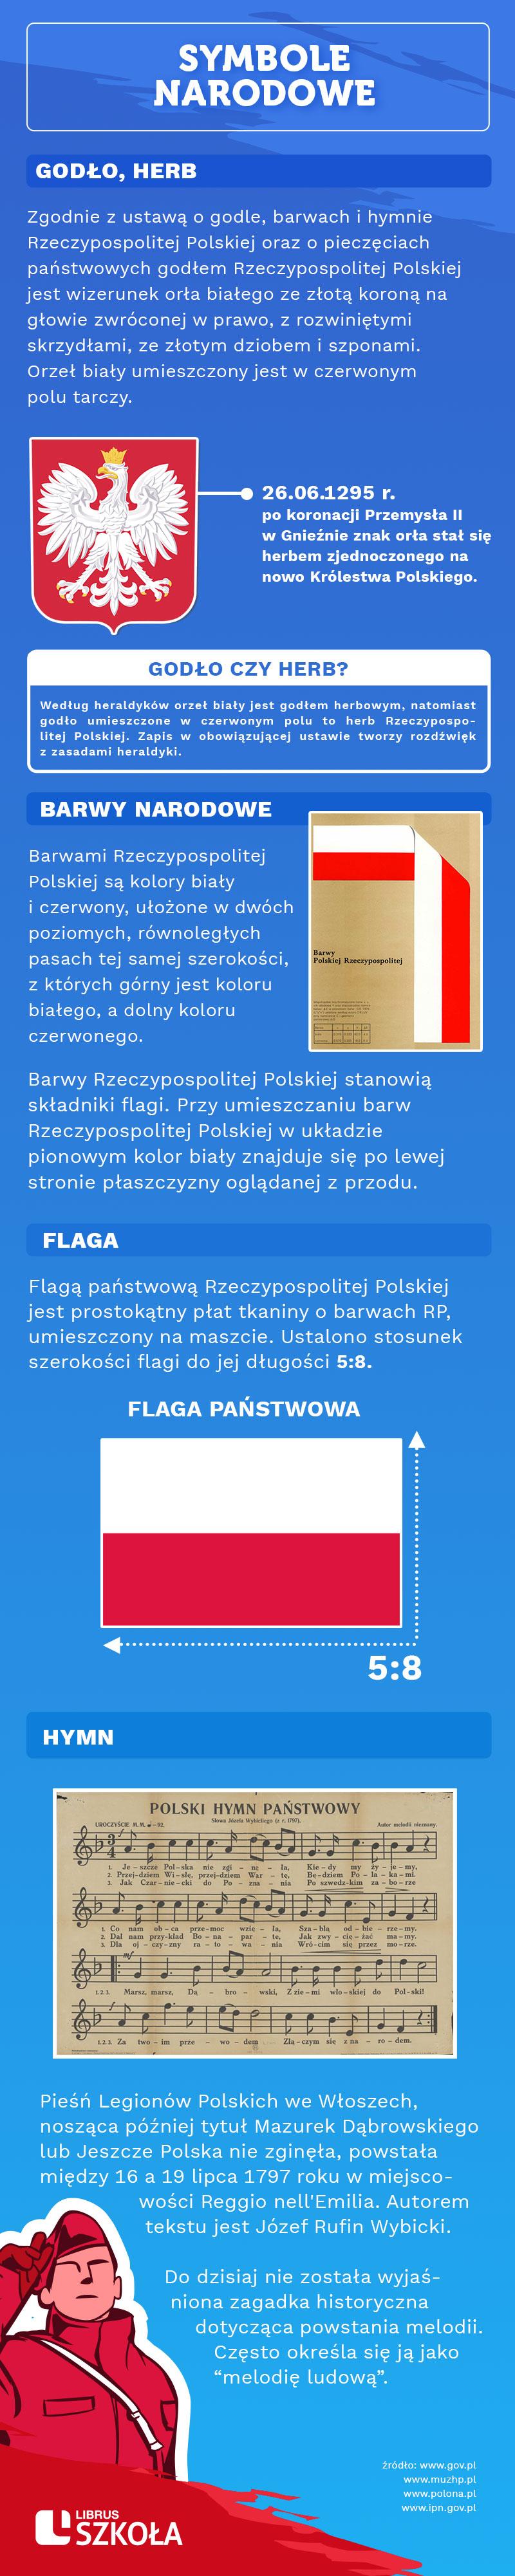 a_symbole_narodowe_LS_graf.jpg